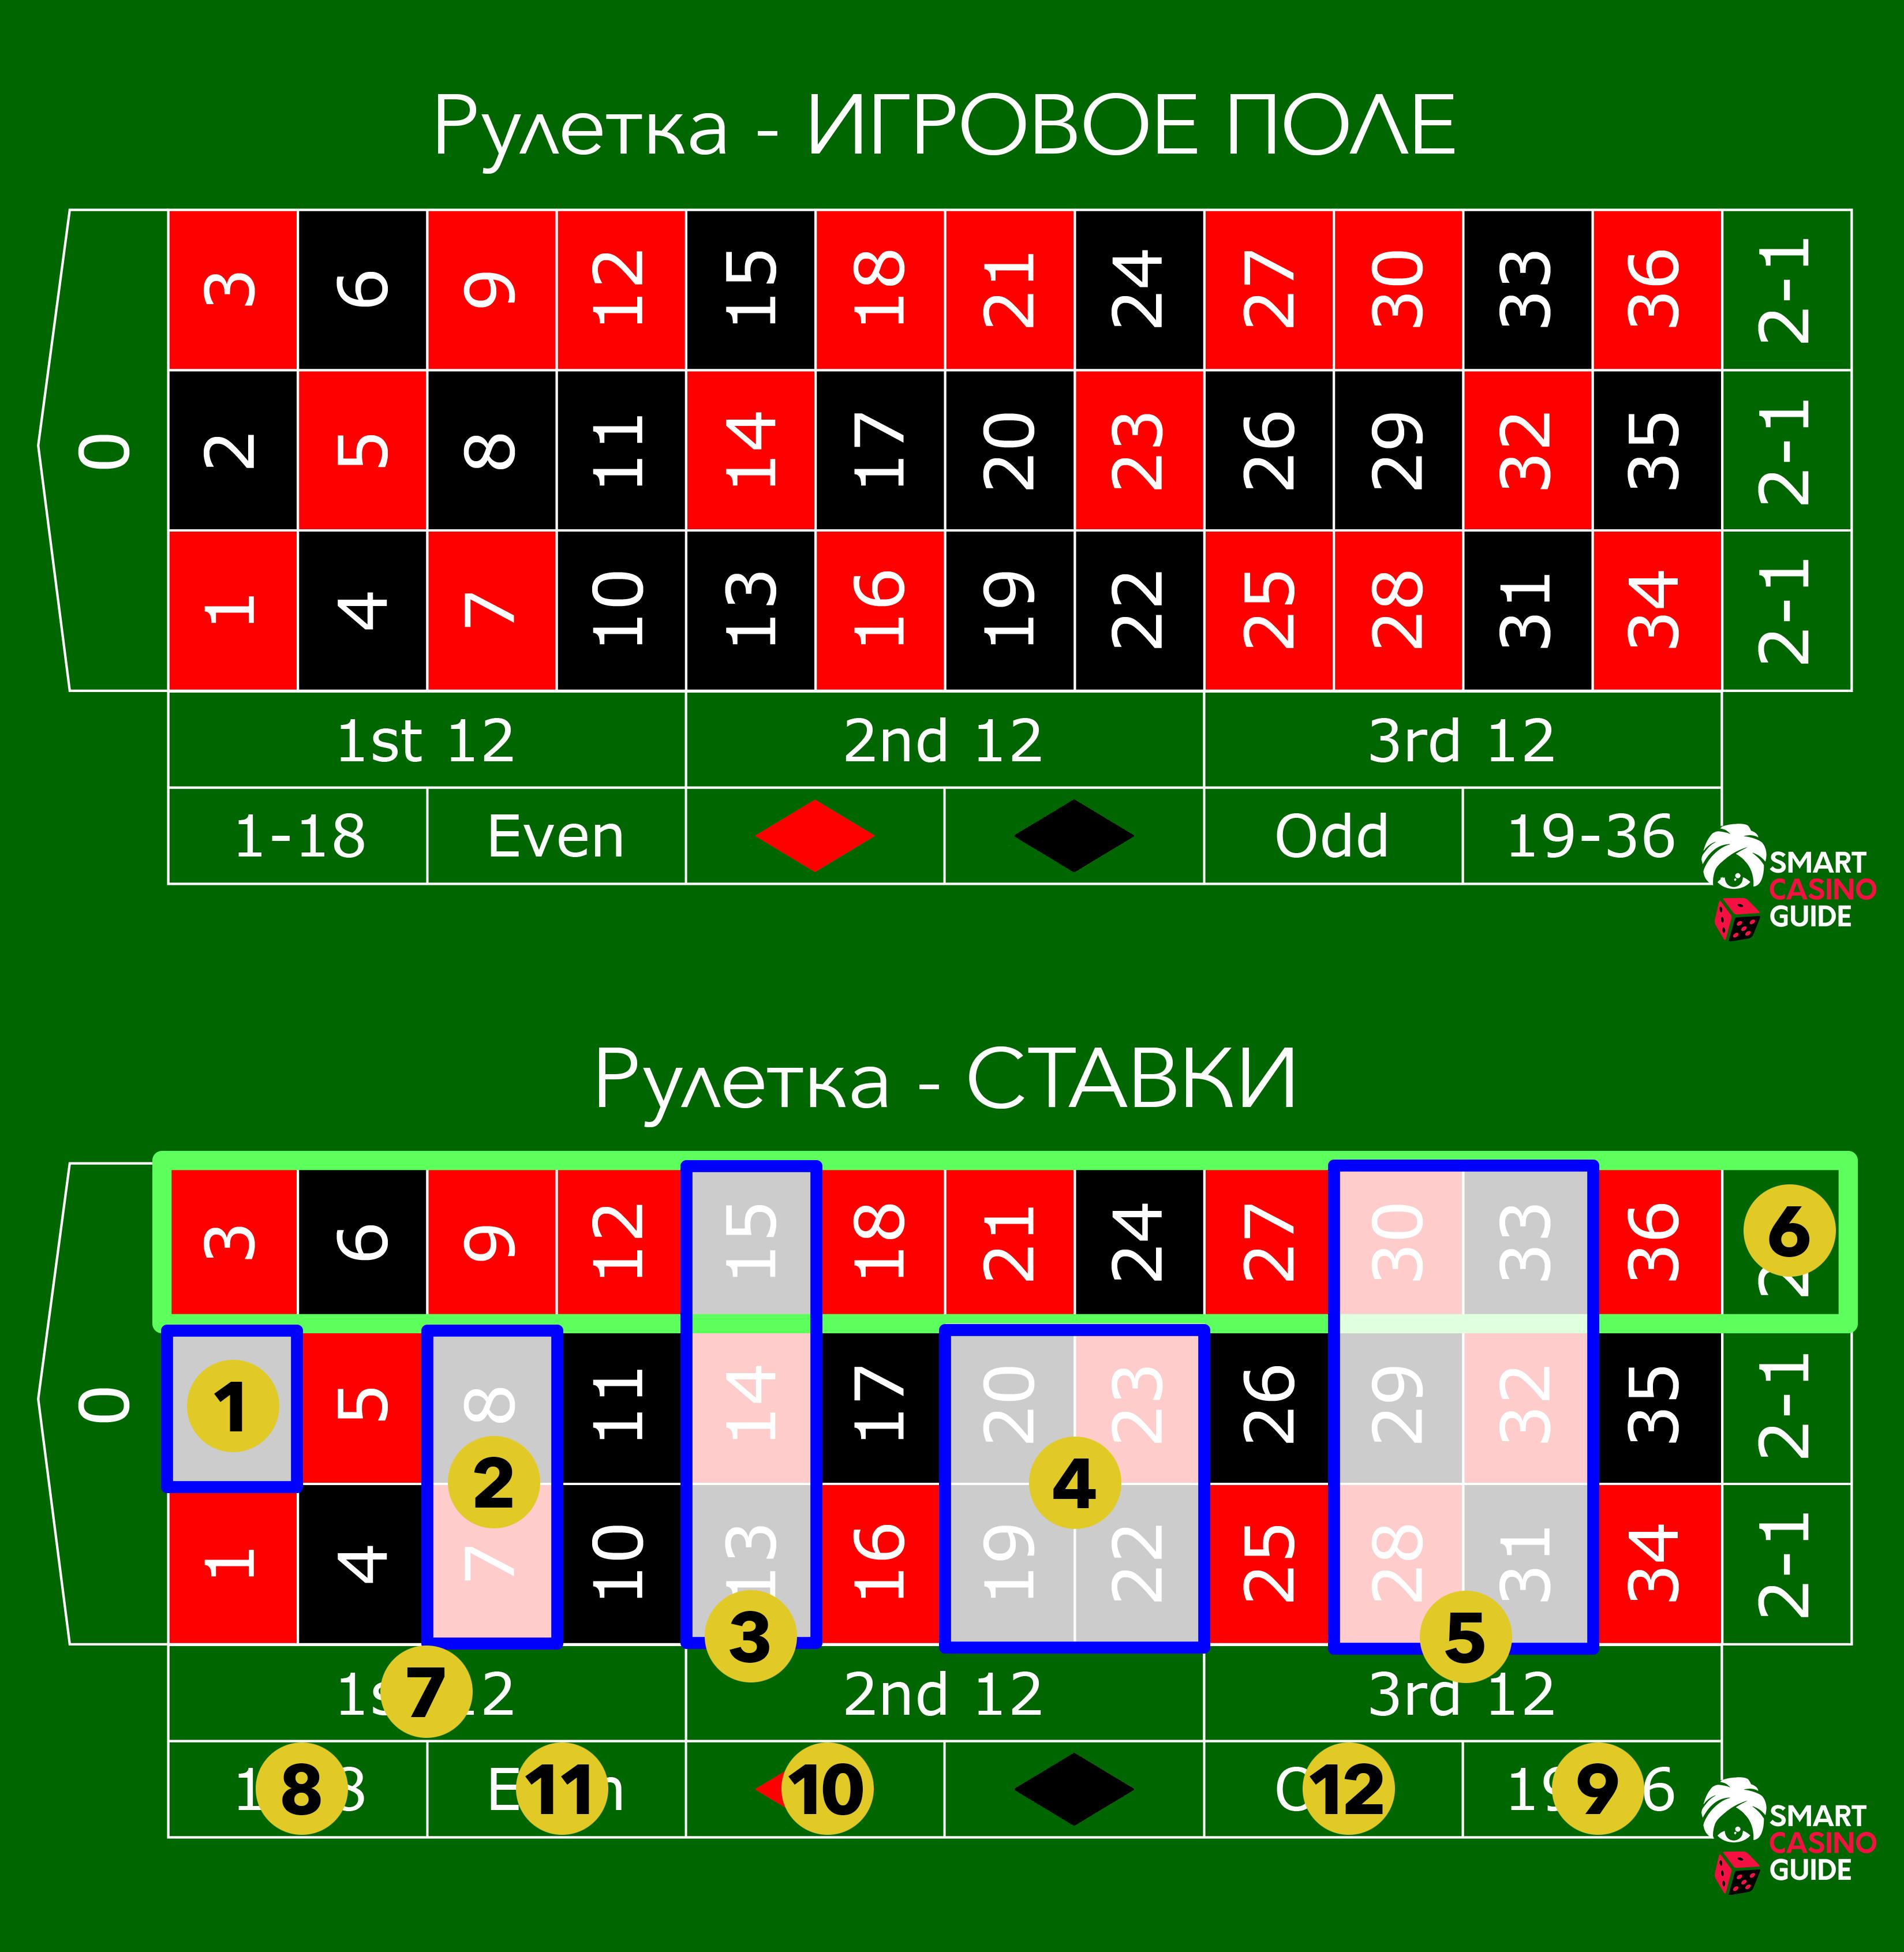 Играть в казино на рулетке савченко алексей михайлович казино